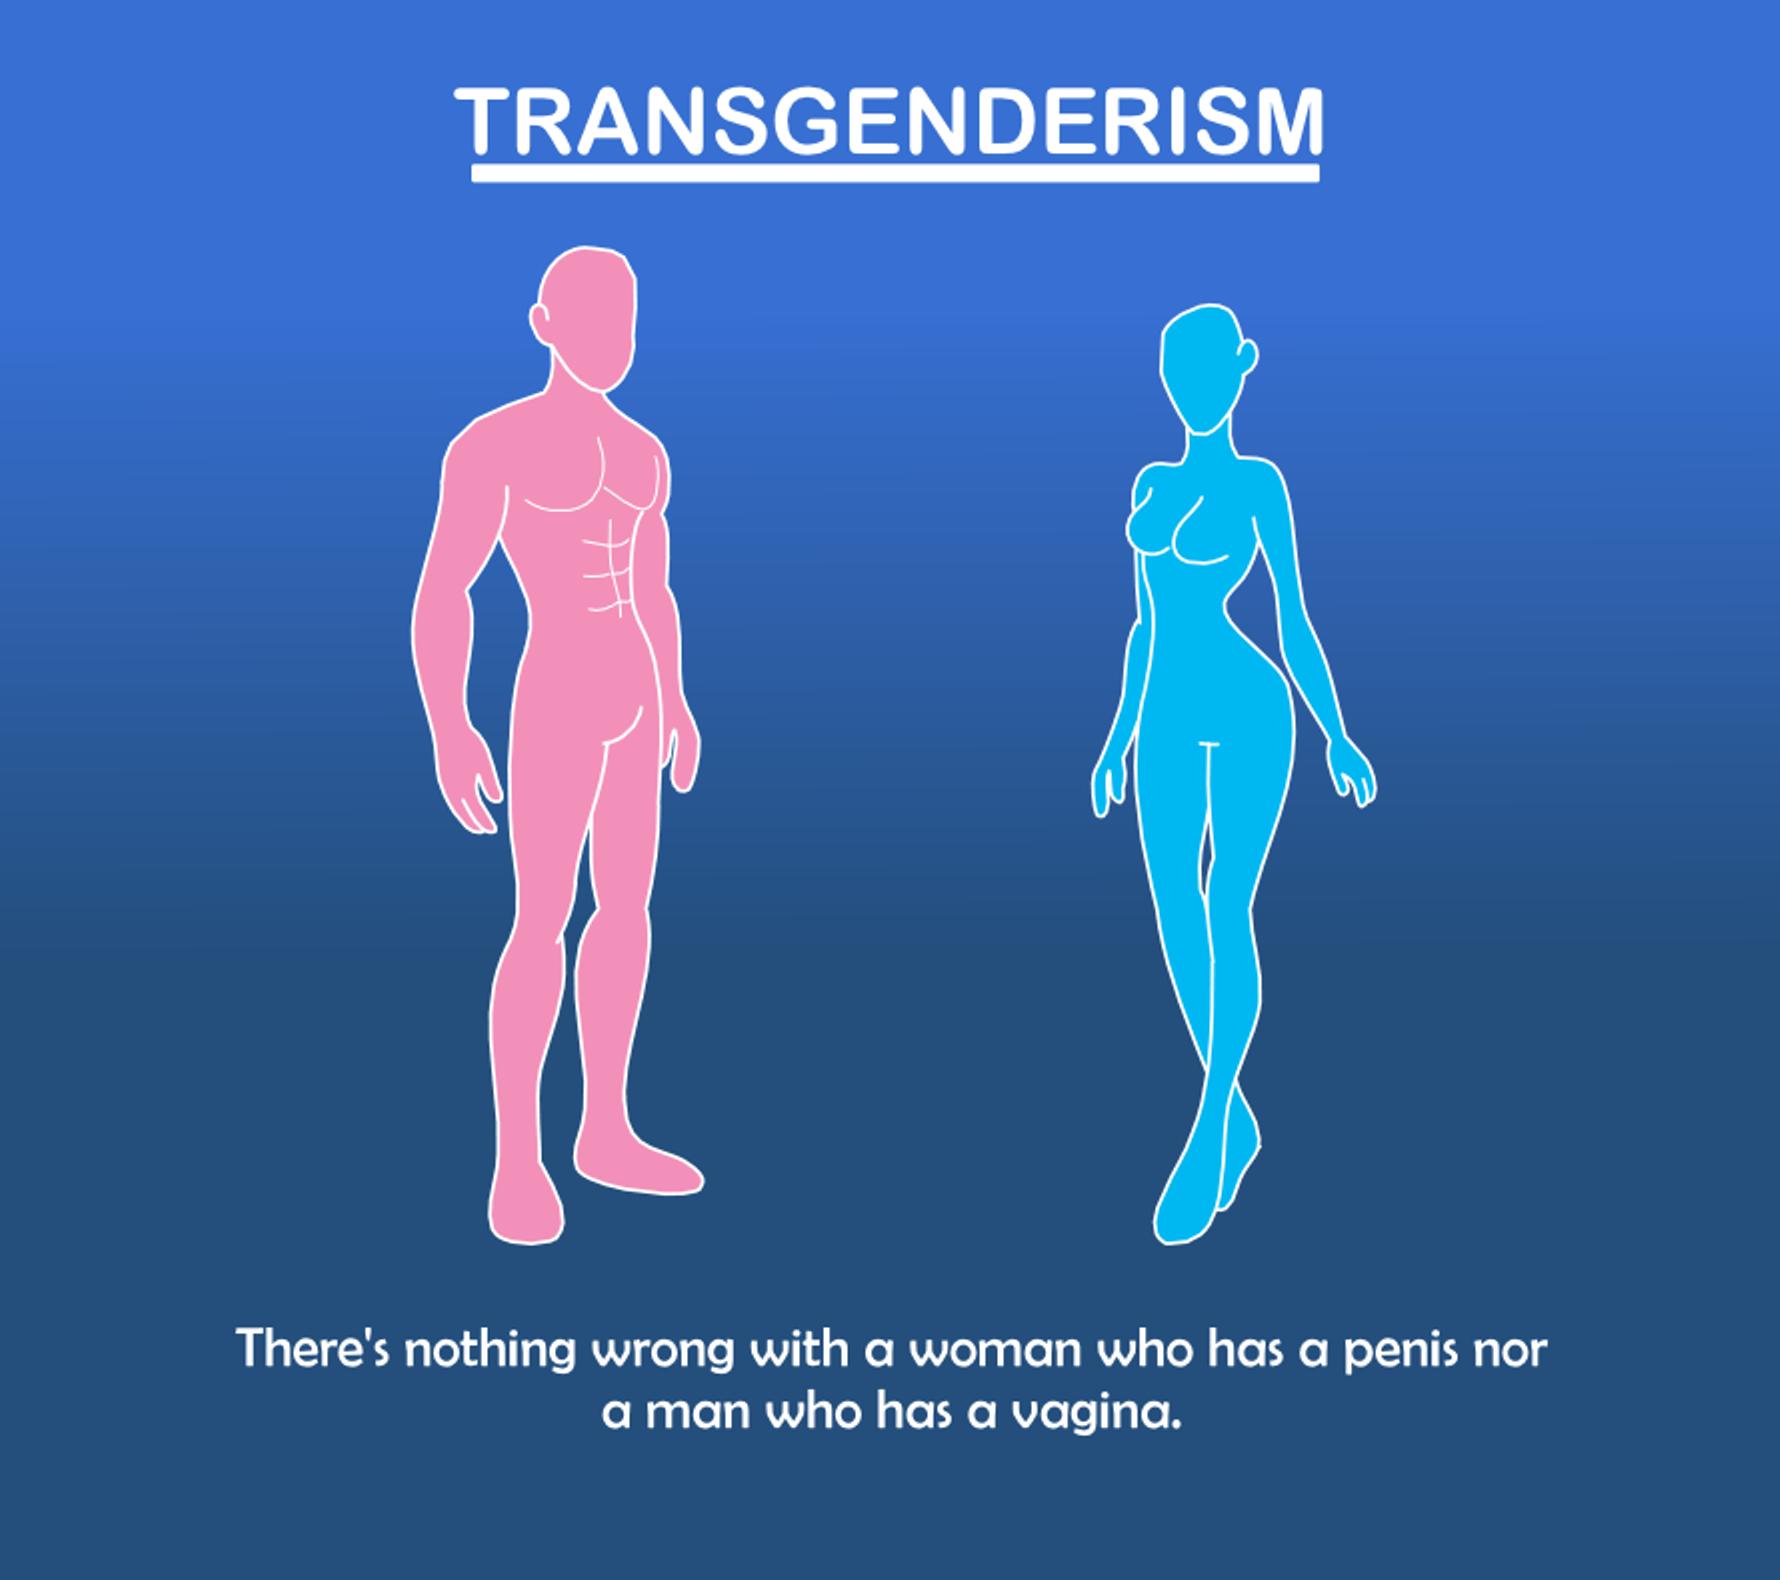 Transgenderism by IAmTheUnison on DeviantArt